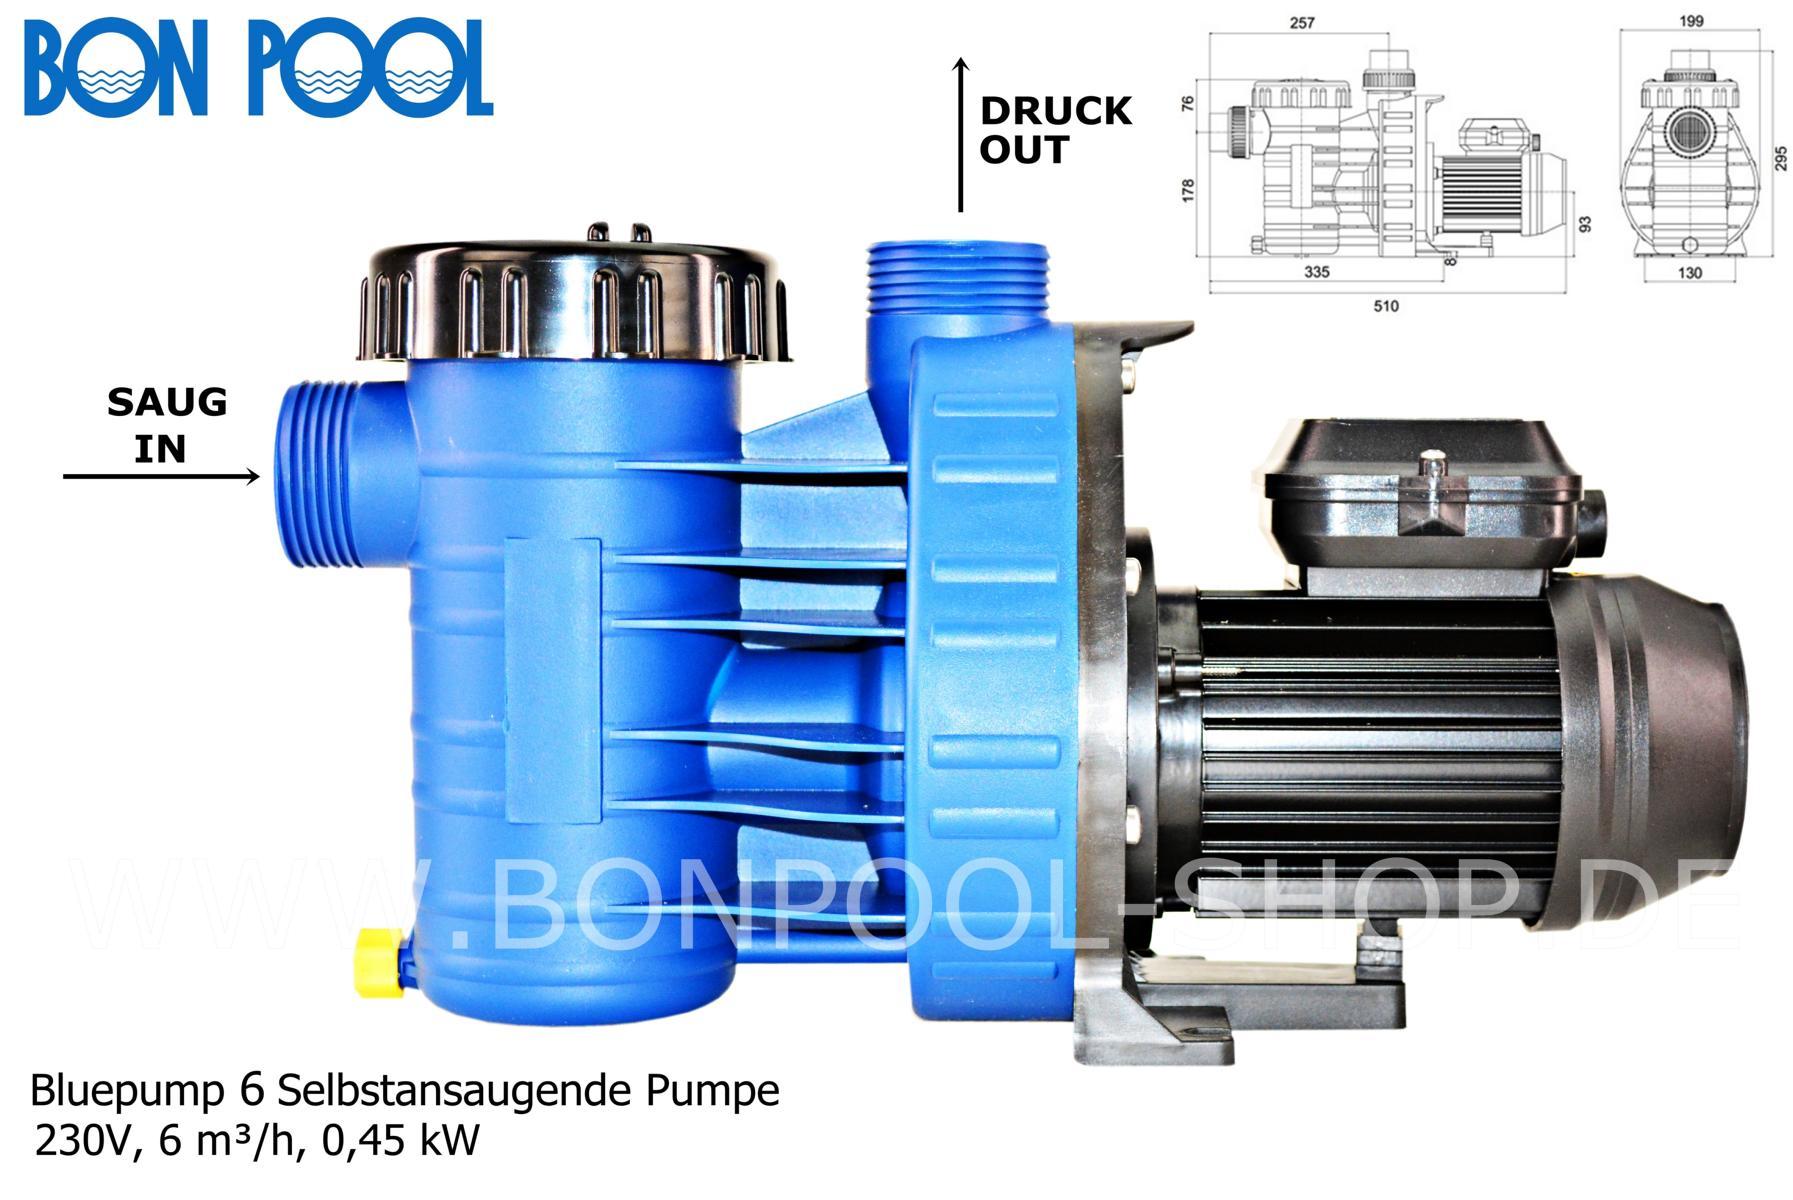 Bluepump 6 selbstansaugende pumpe bon pool for Schwimmbecken aufstellbar